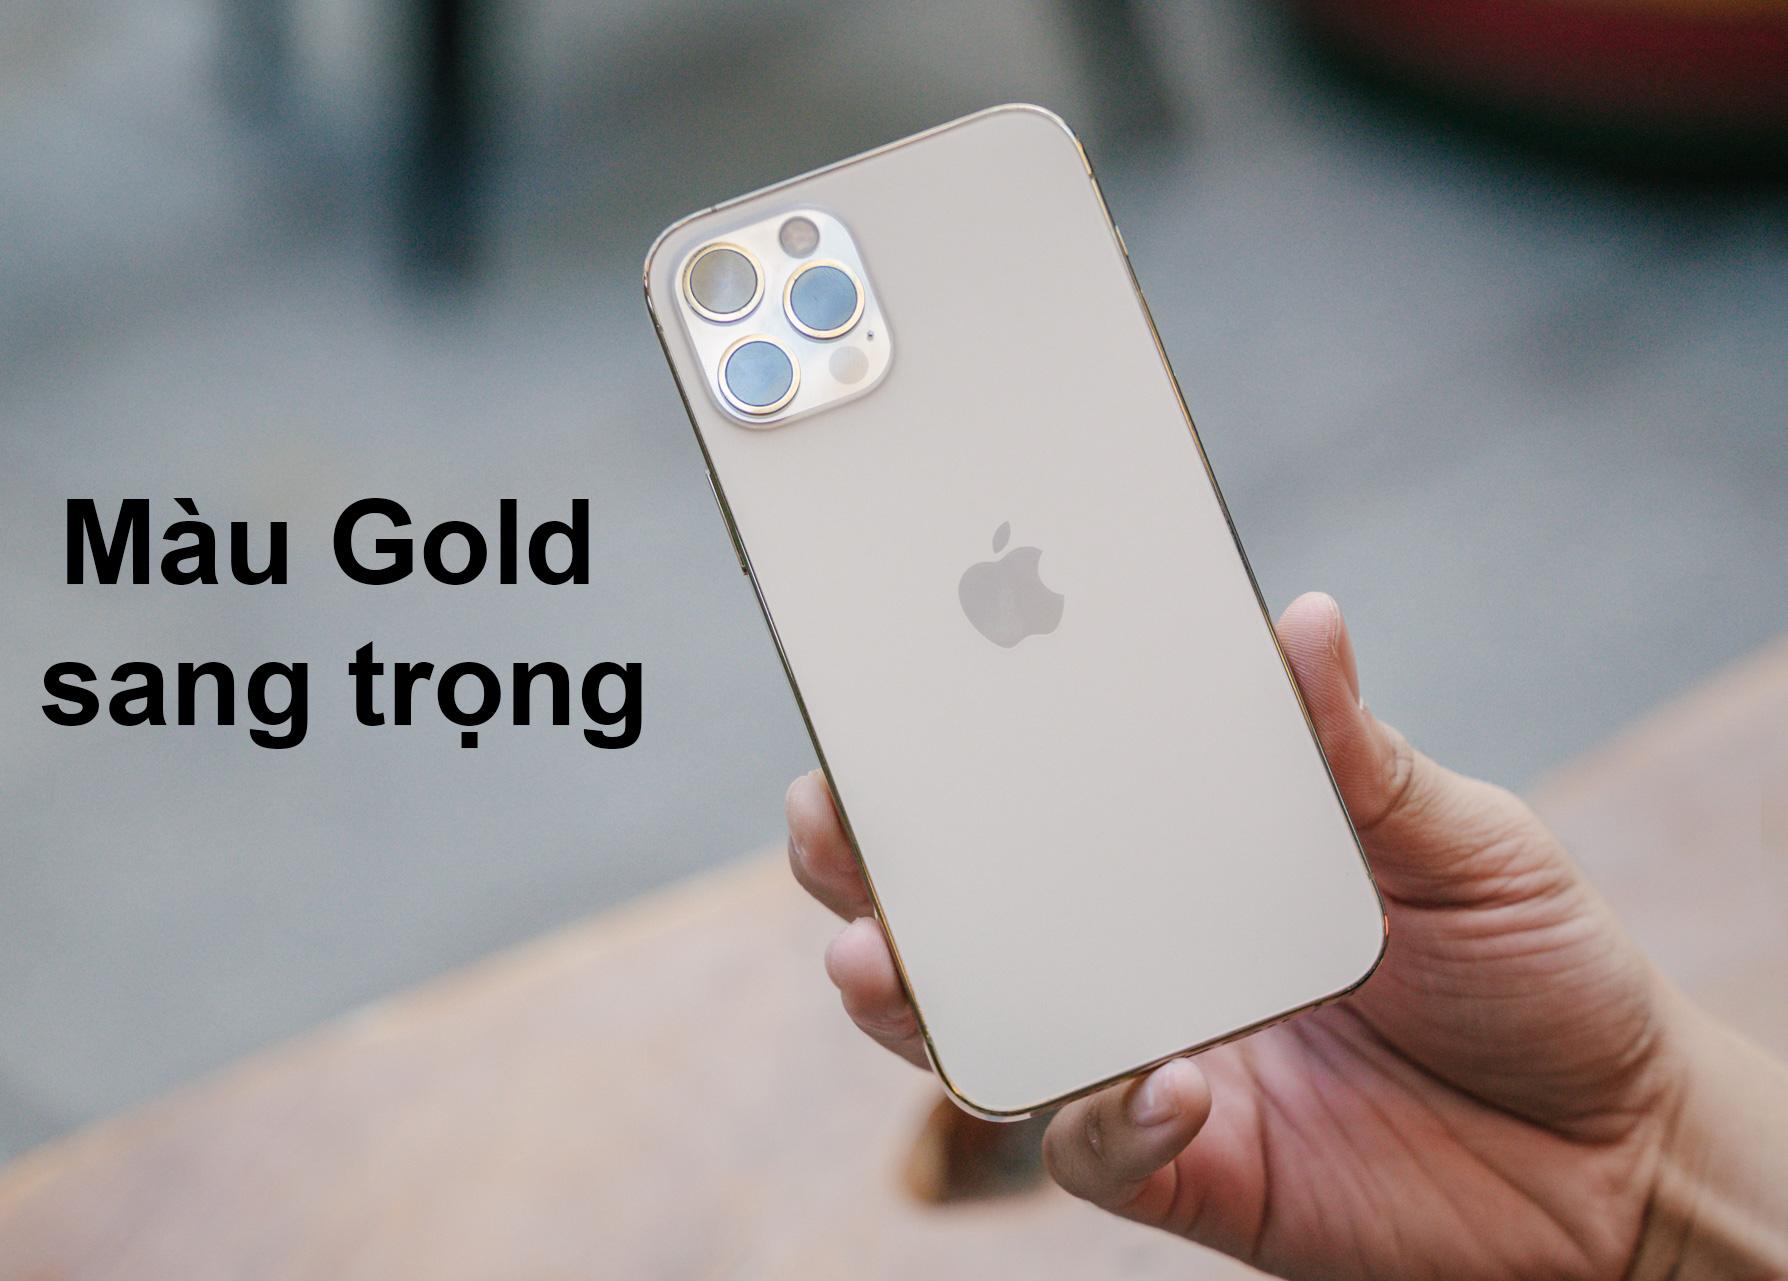 iPhone 12 Pro 128 GB   Màu Gold sang trọng